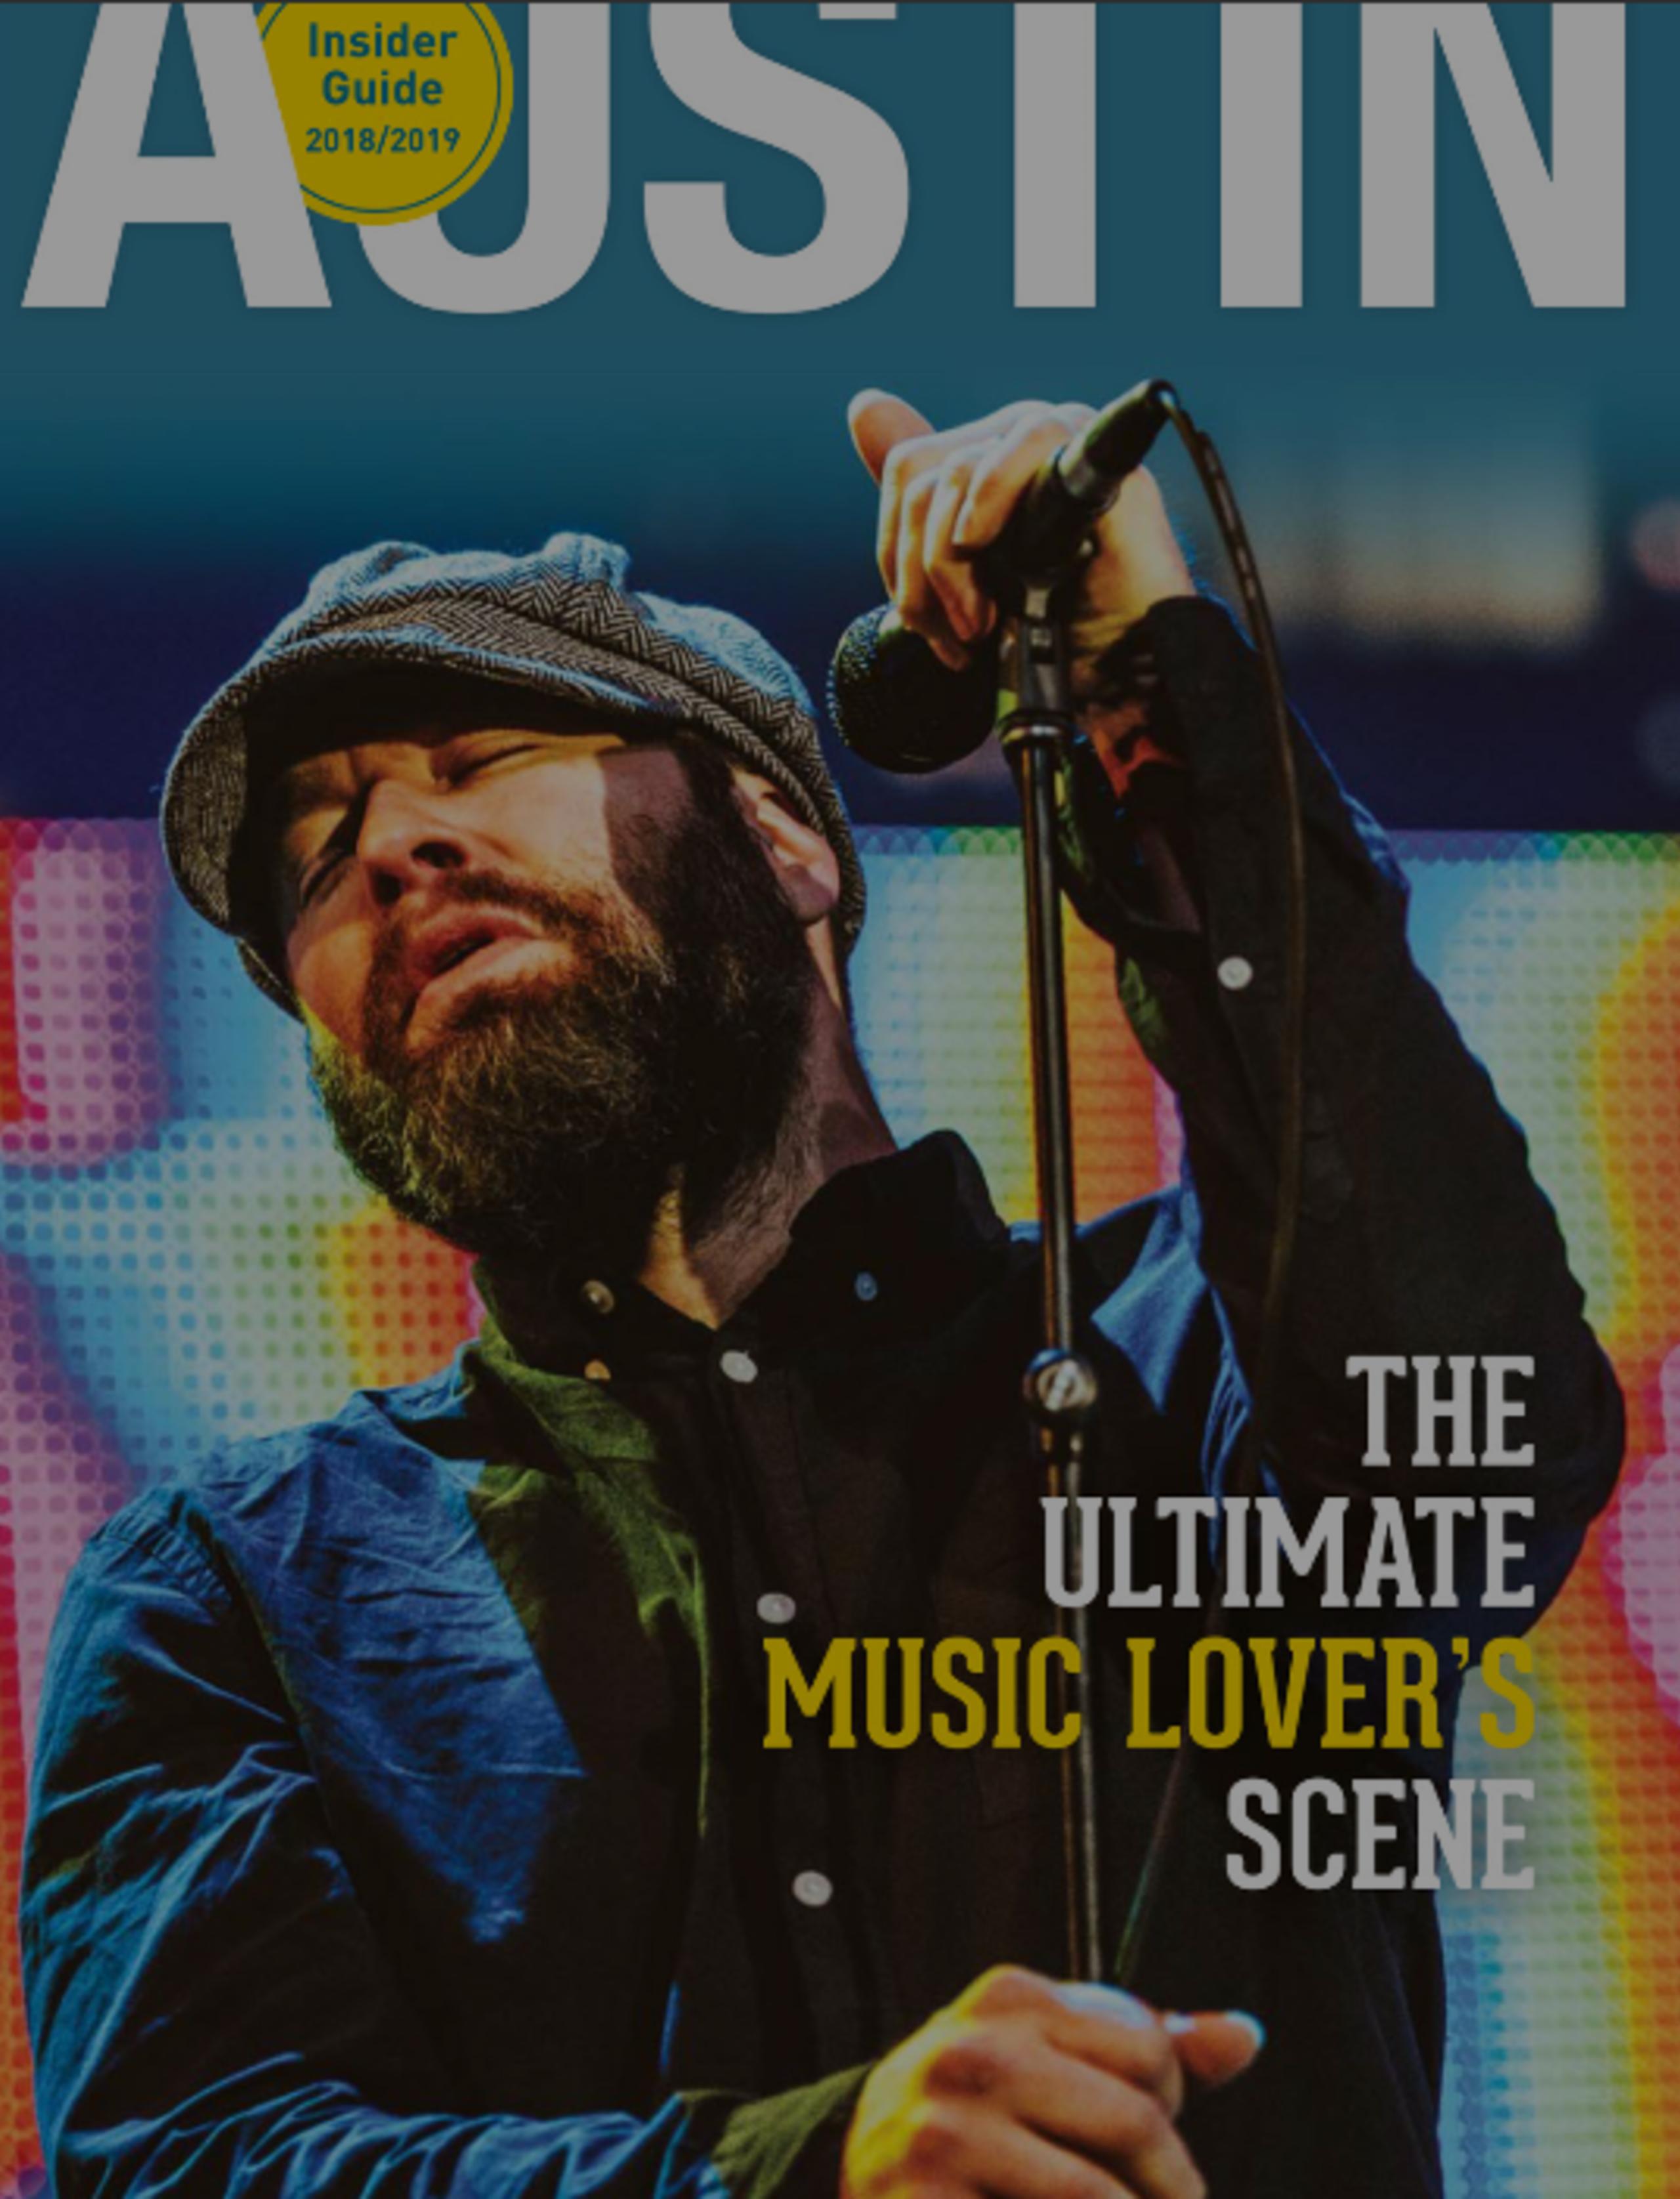 Austin Insider 2018-2019 Guide